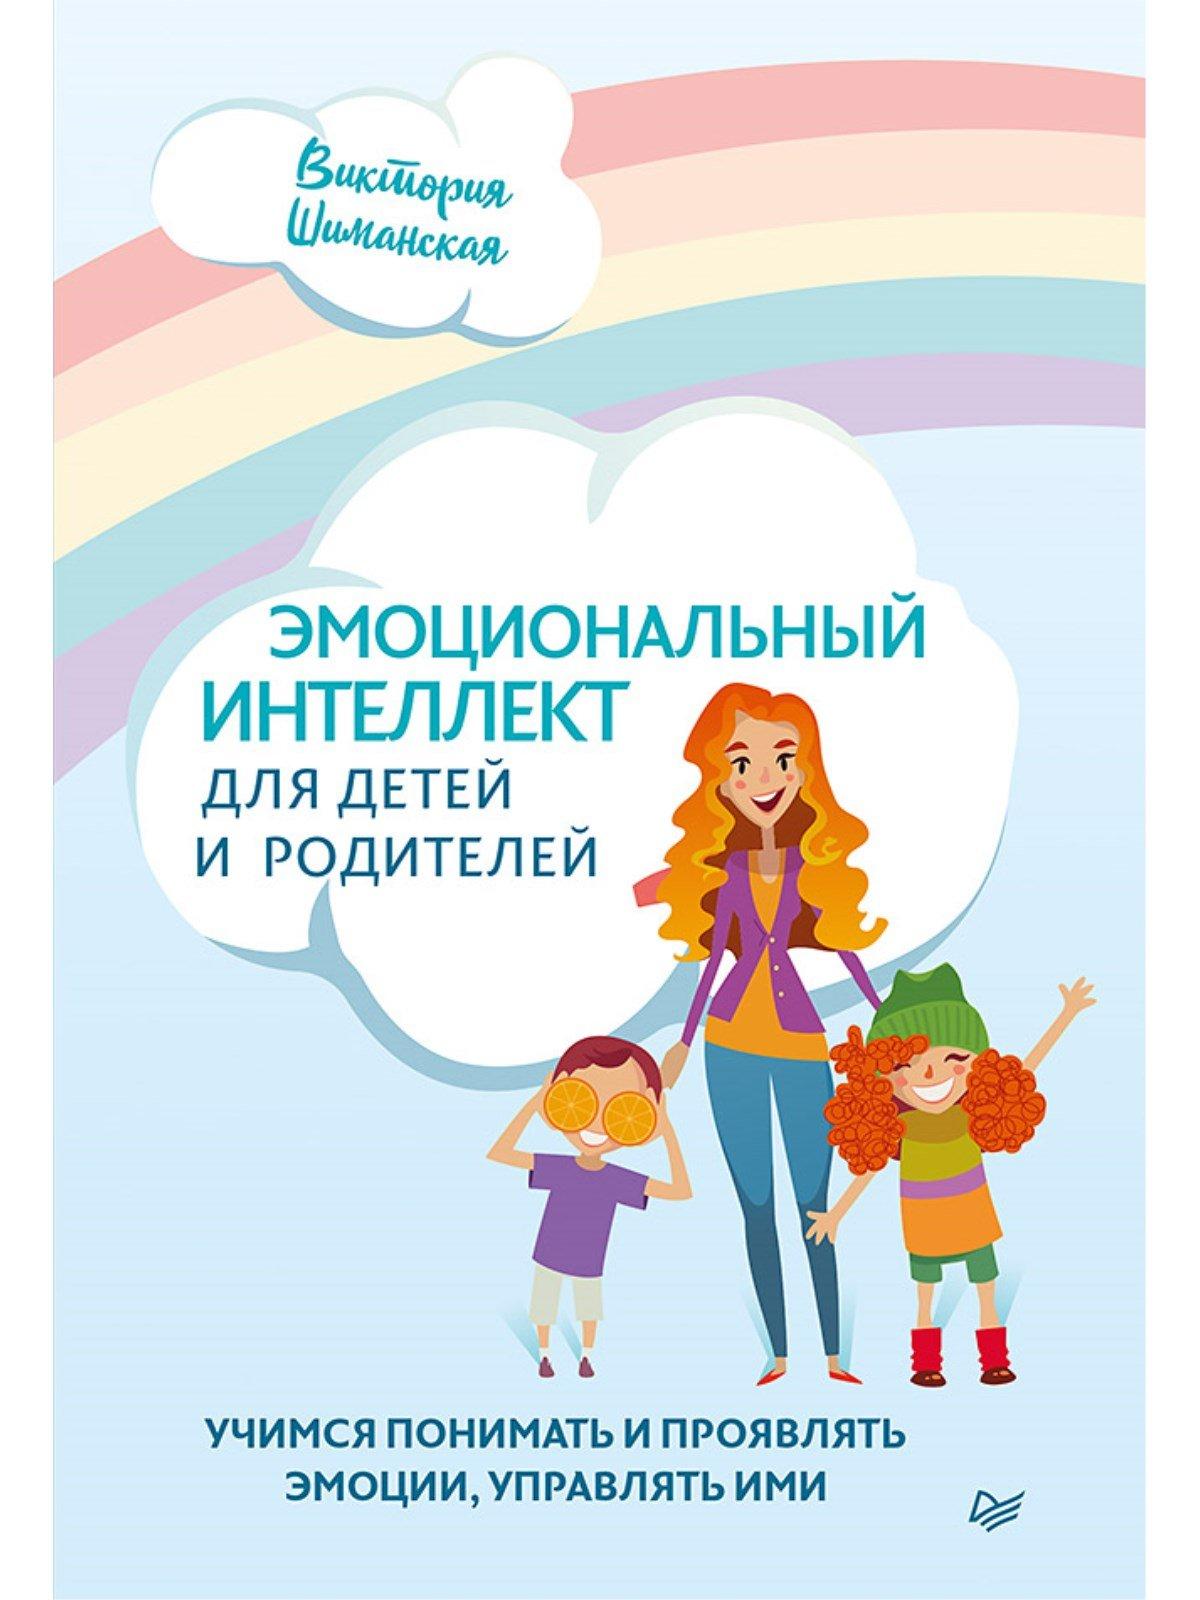 Шиманская В.А. Эмоциональный интеллект для детей и родителей. Учимся понимать проявлять эмоции, управлять ими